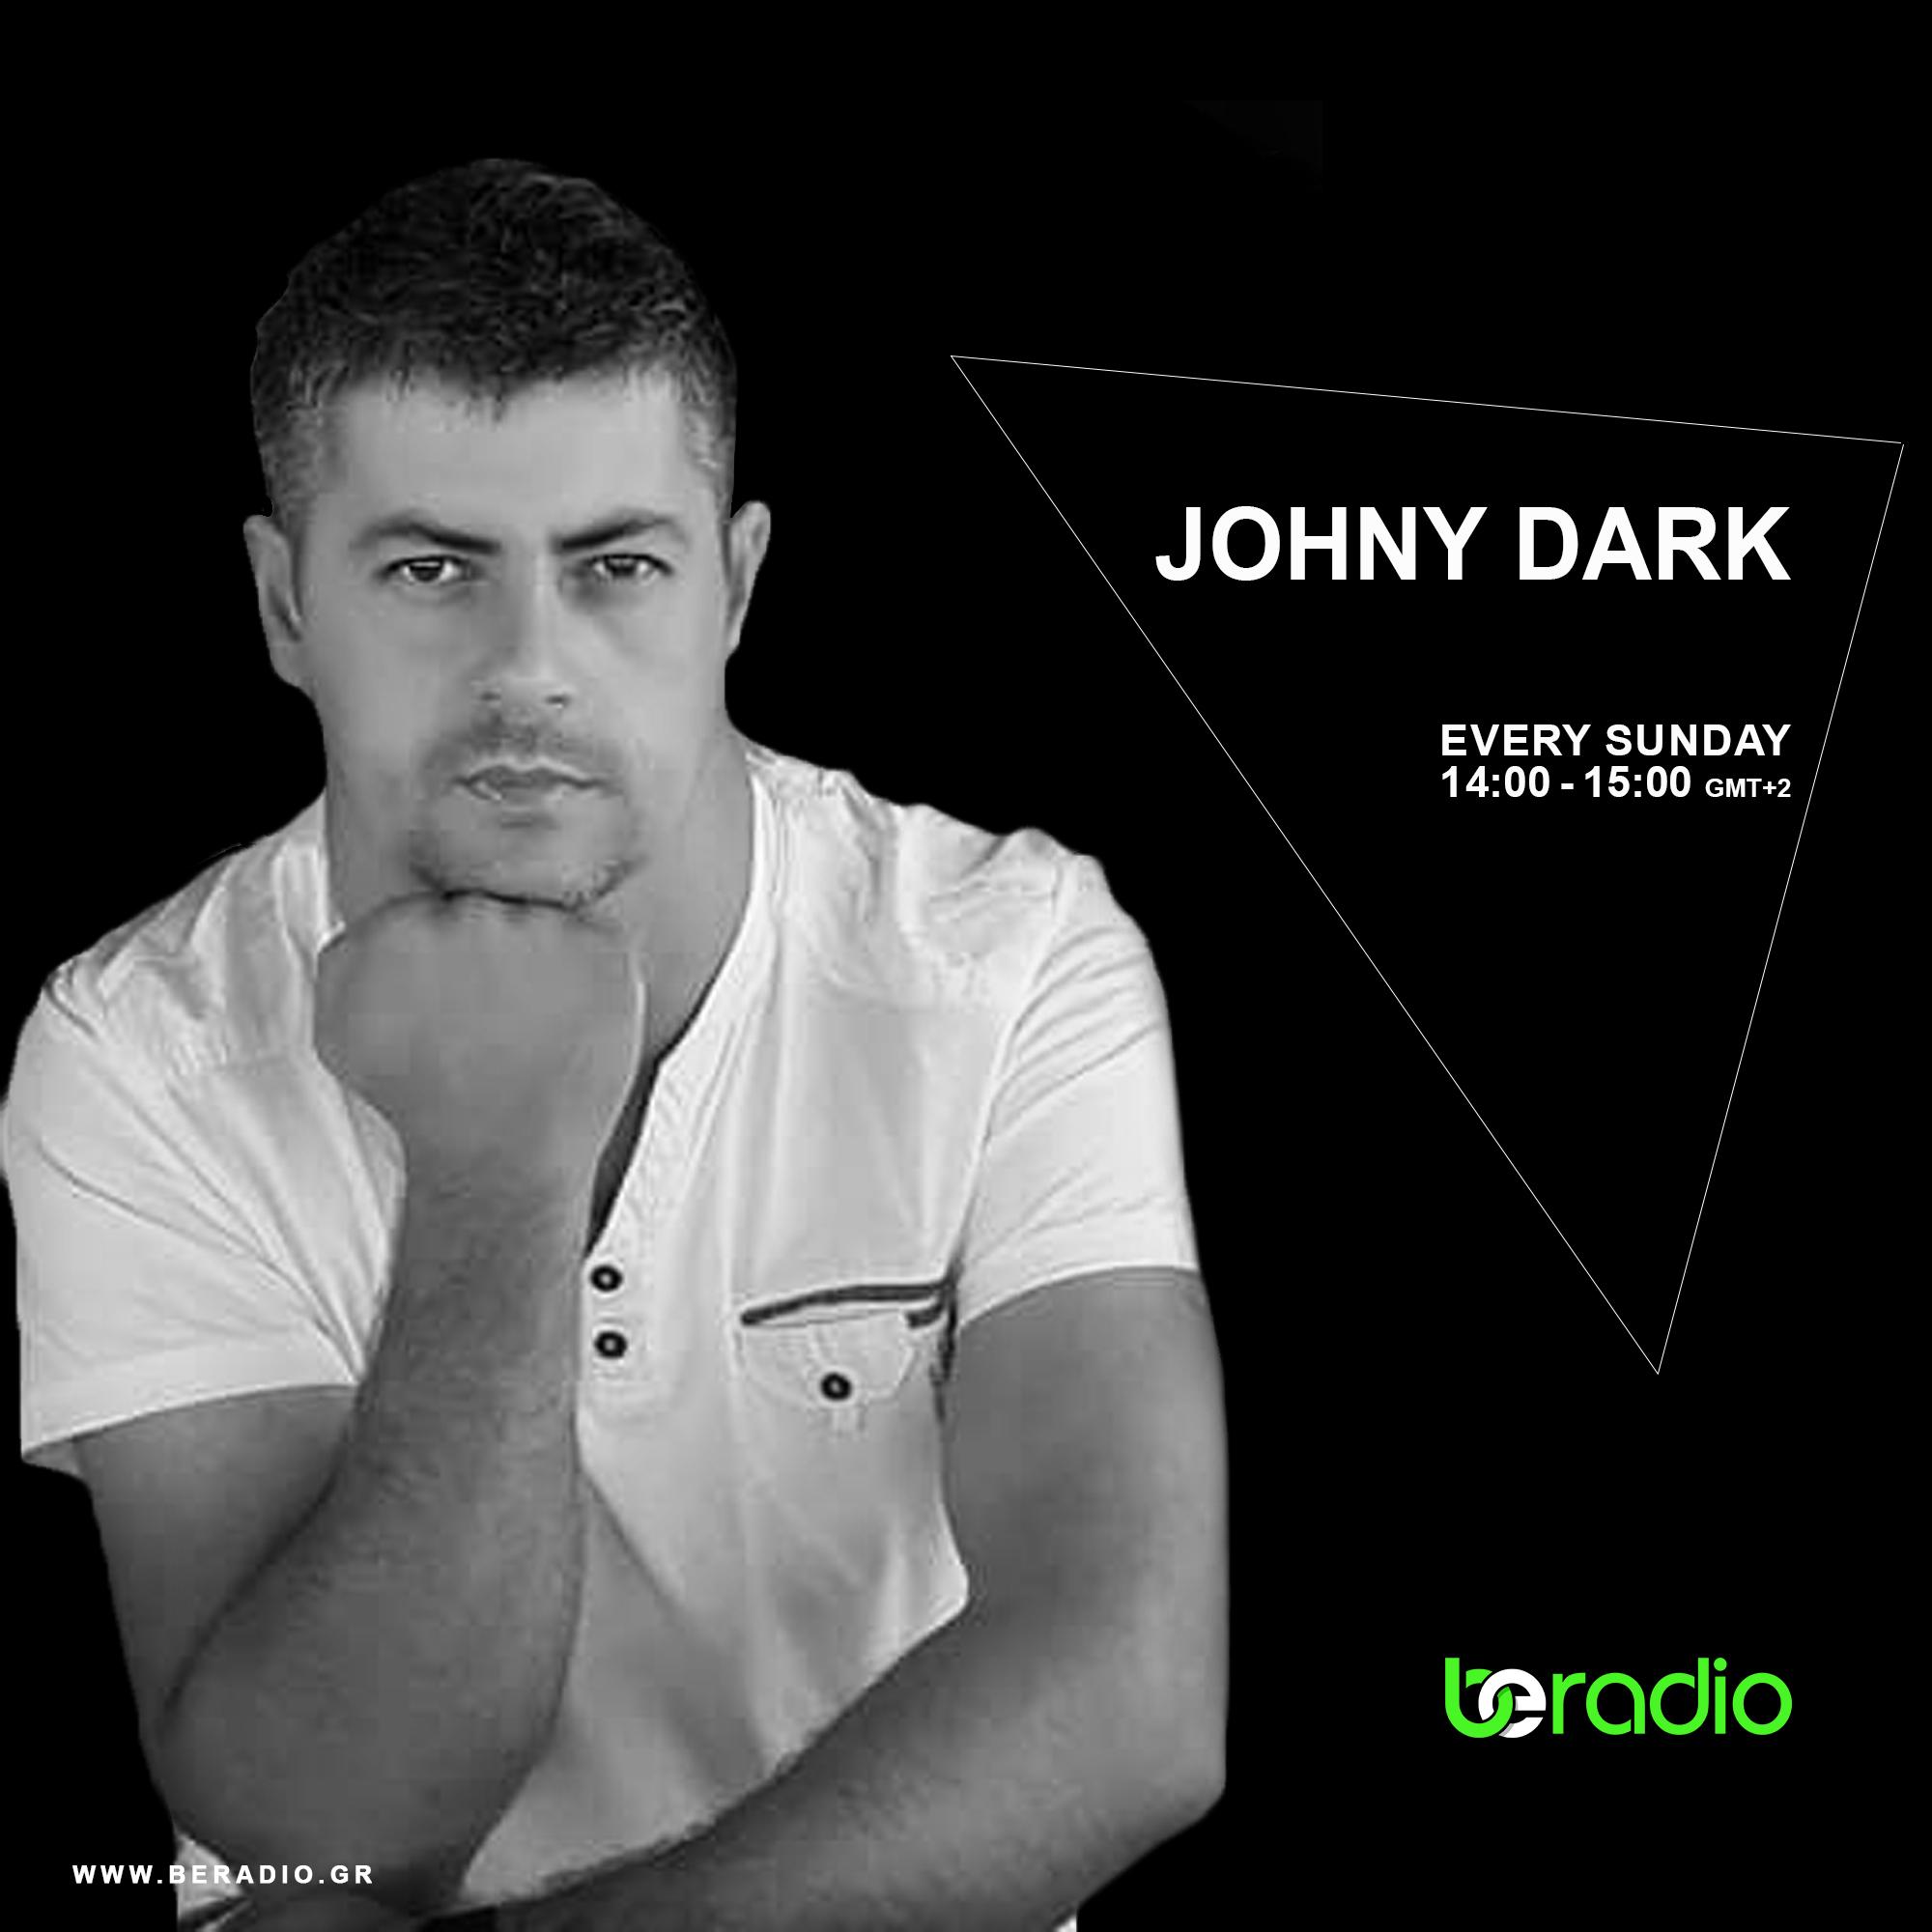 JOHNY DARK